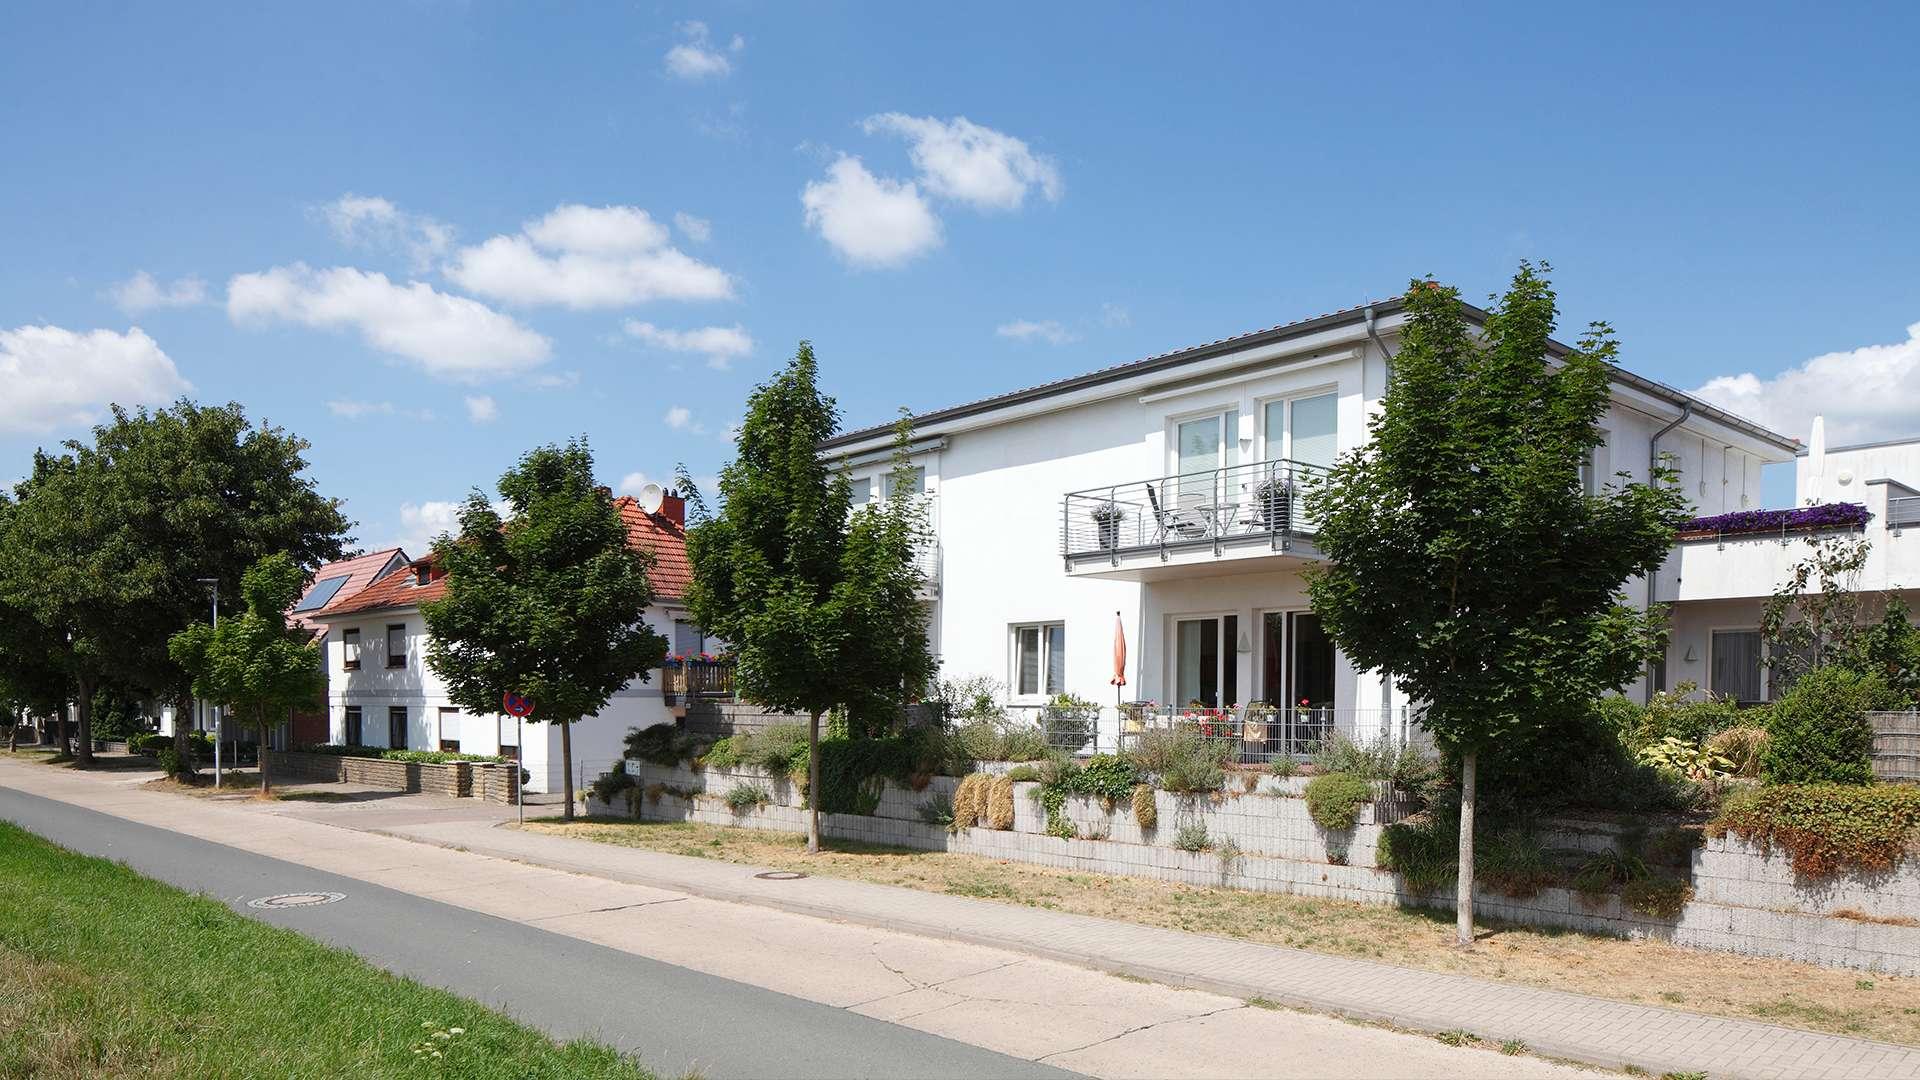 Straße mit modernen Häusern in Verden